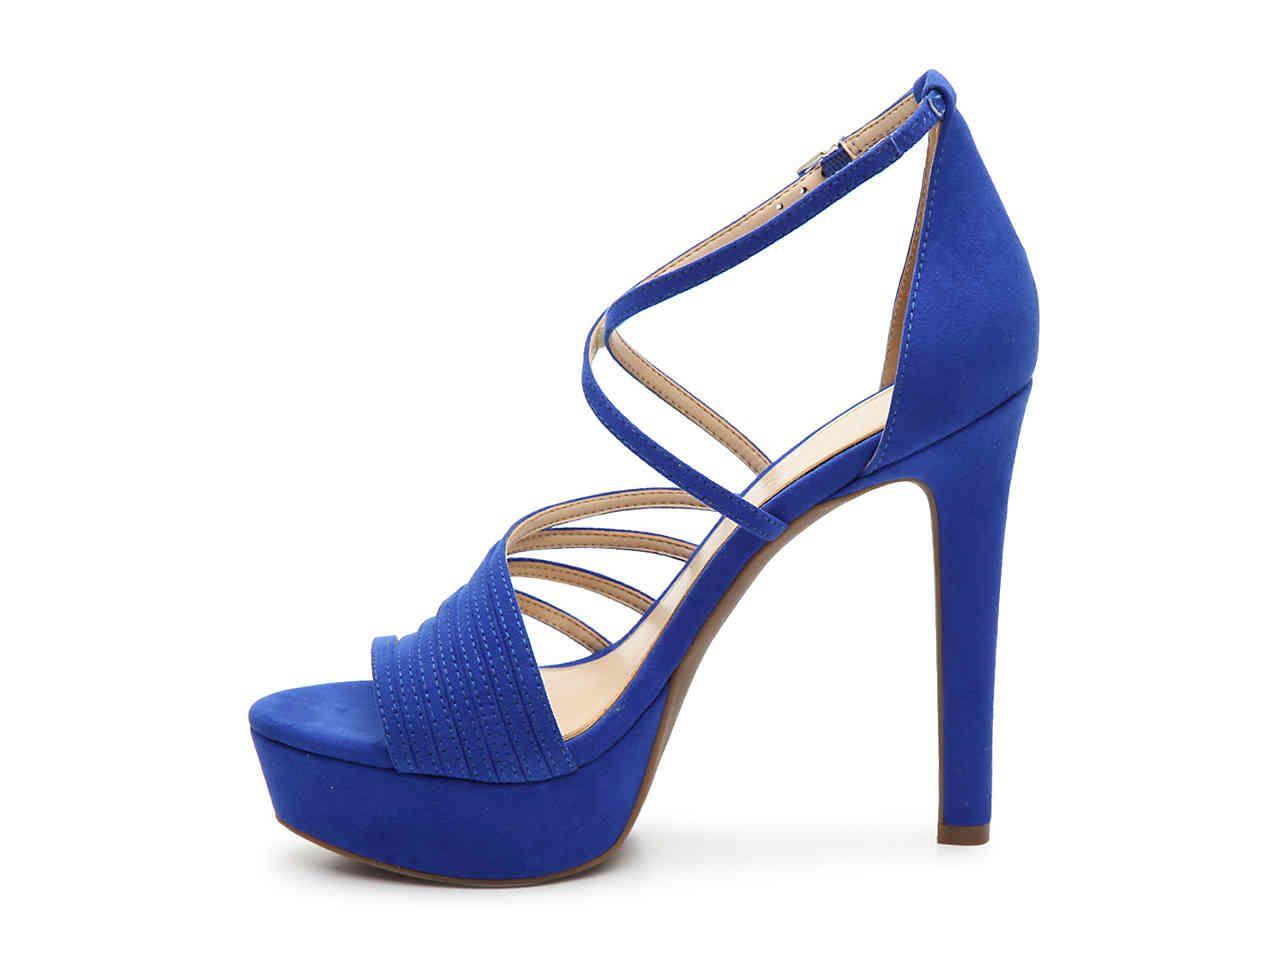 f9710d0377 Women Bravani Platform Sandal -Beige Faux Patent Leather